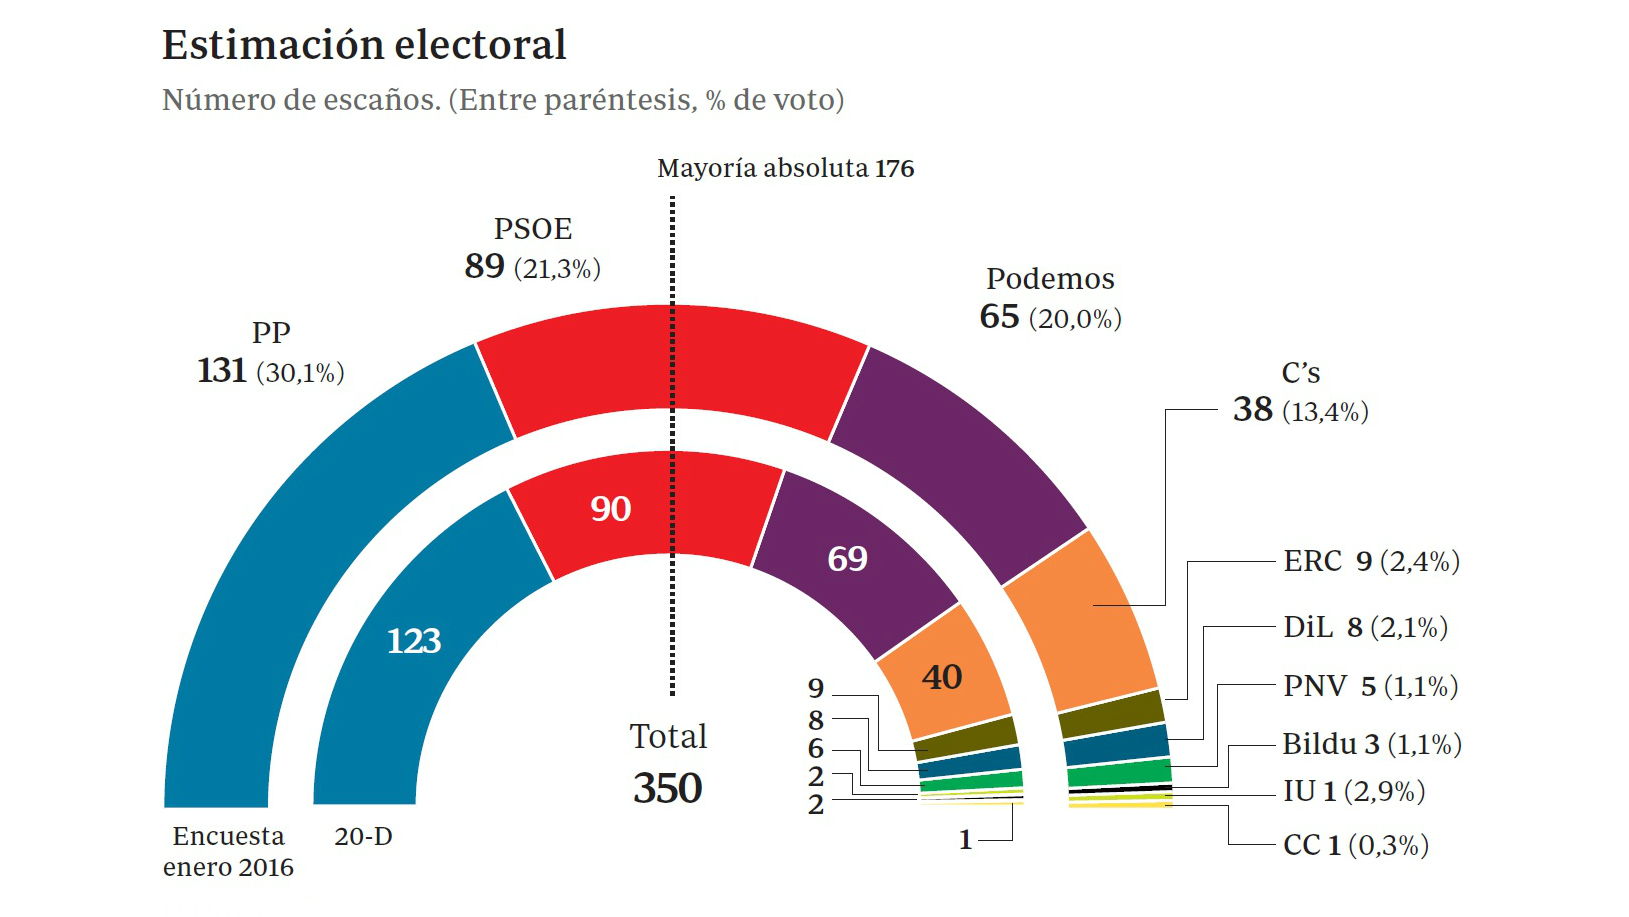 Sólo el PP ganaría escaños si se repitiesen las elecciones generales